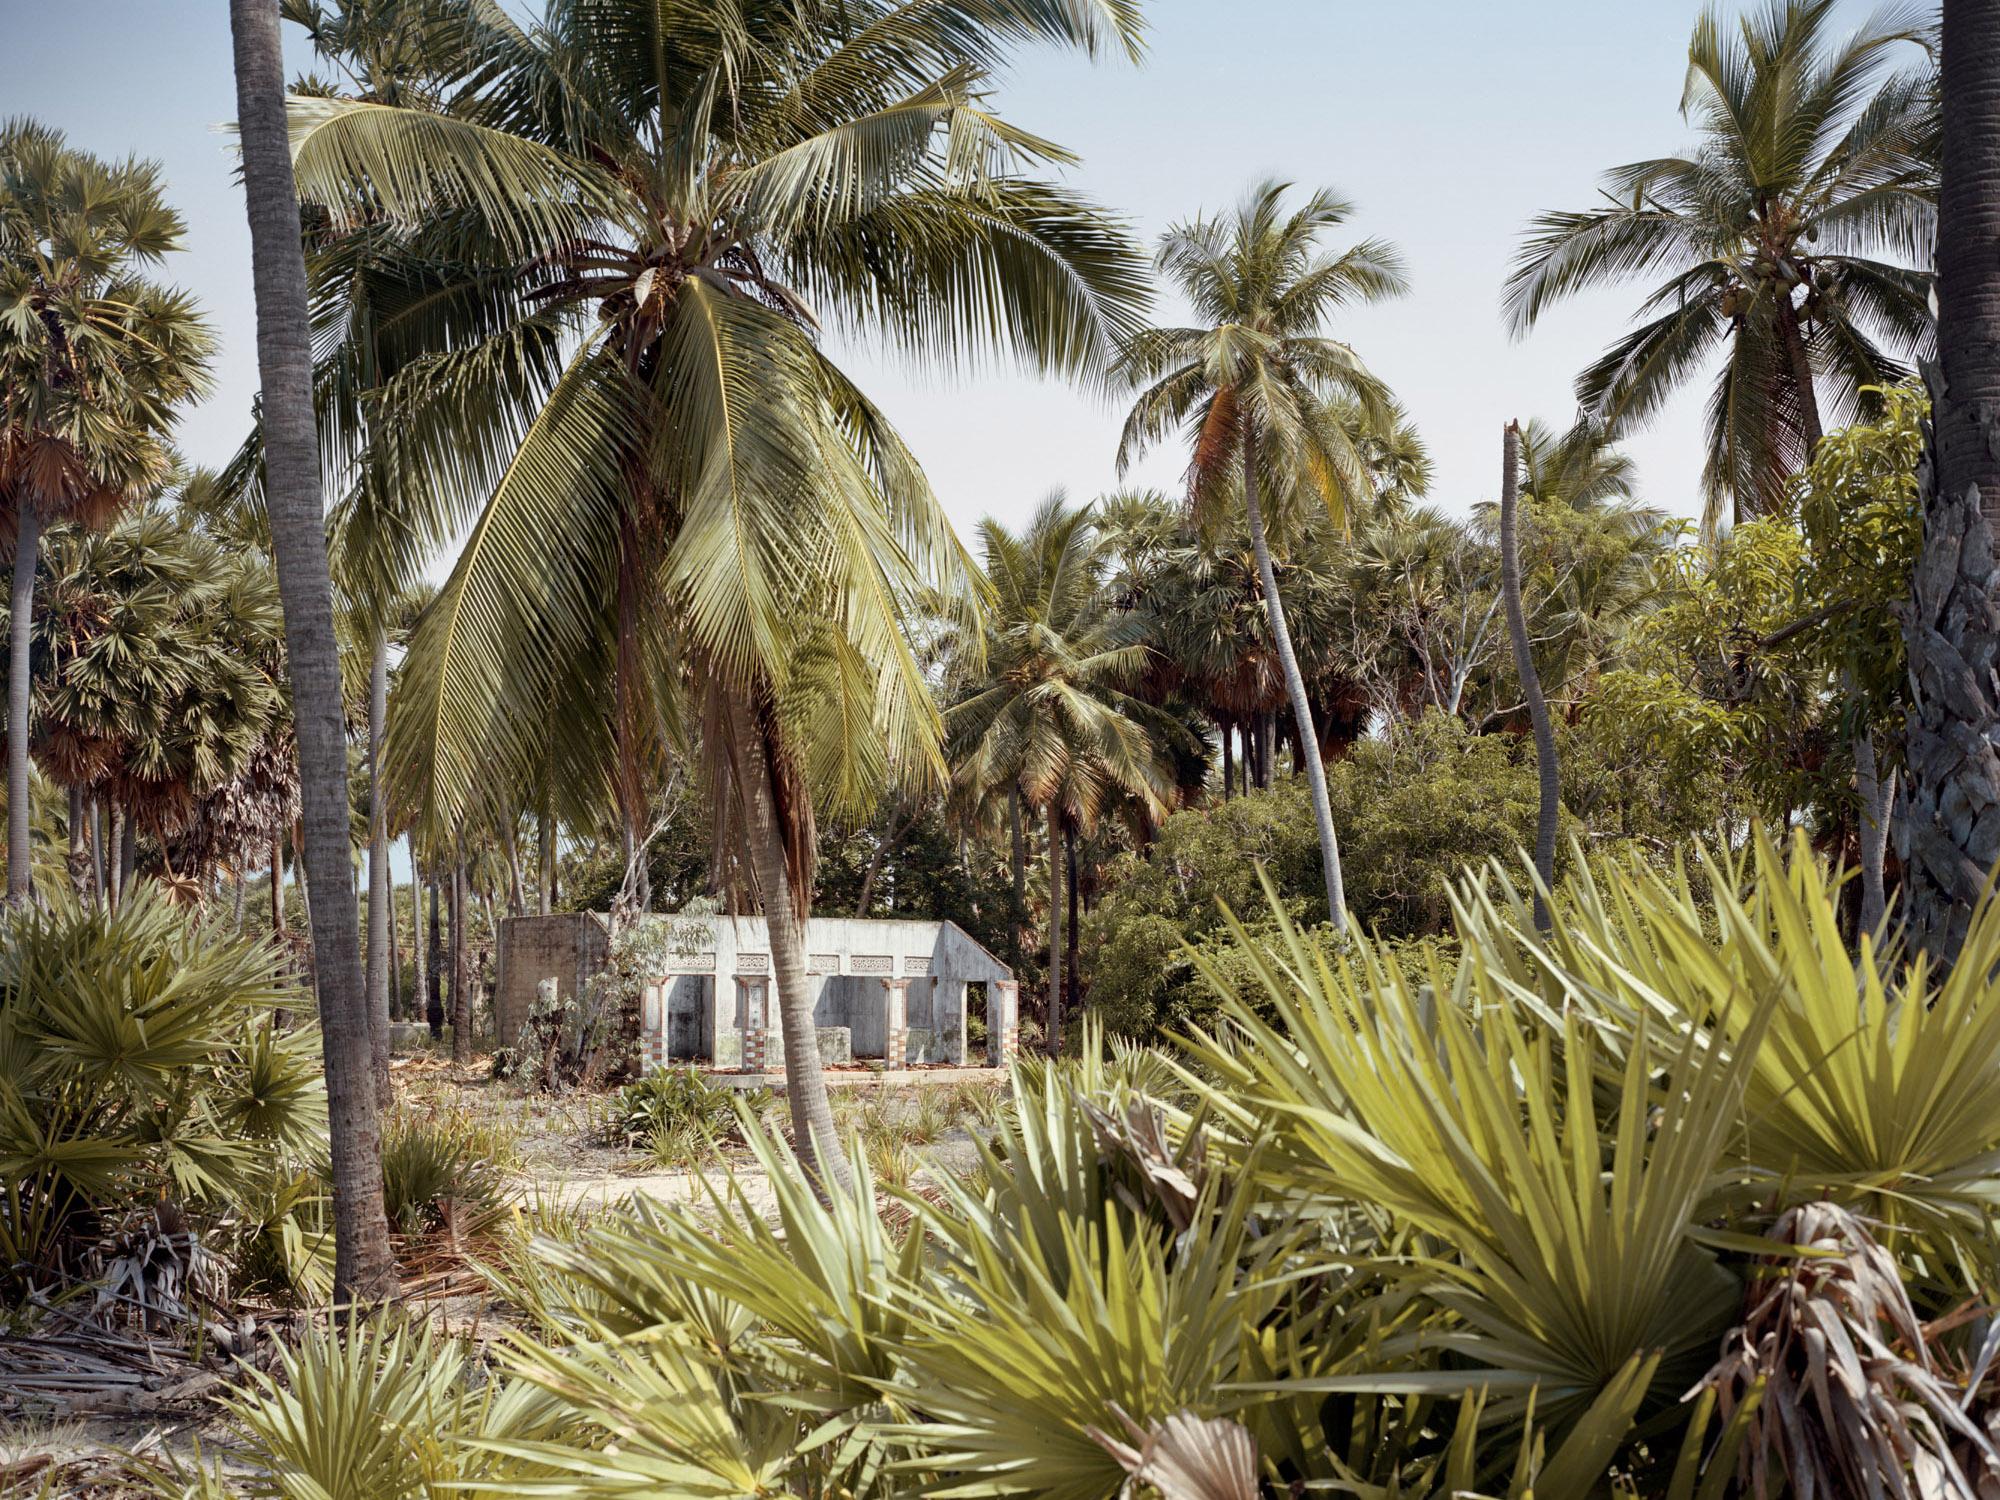 Under the palmyra tree